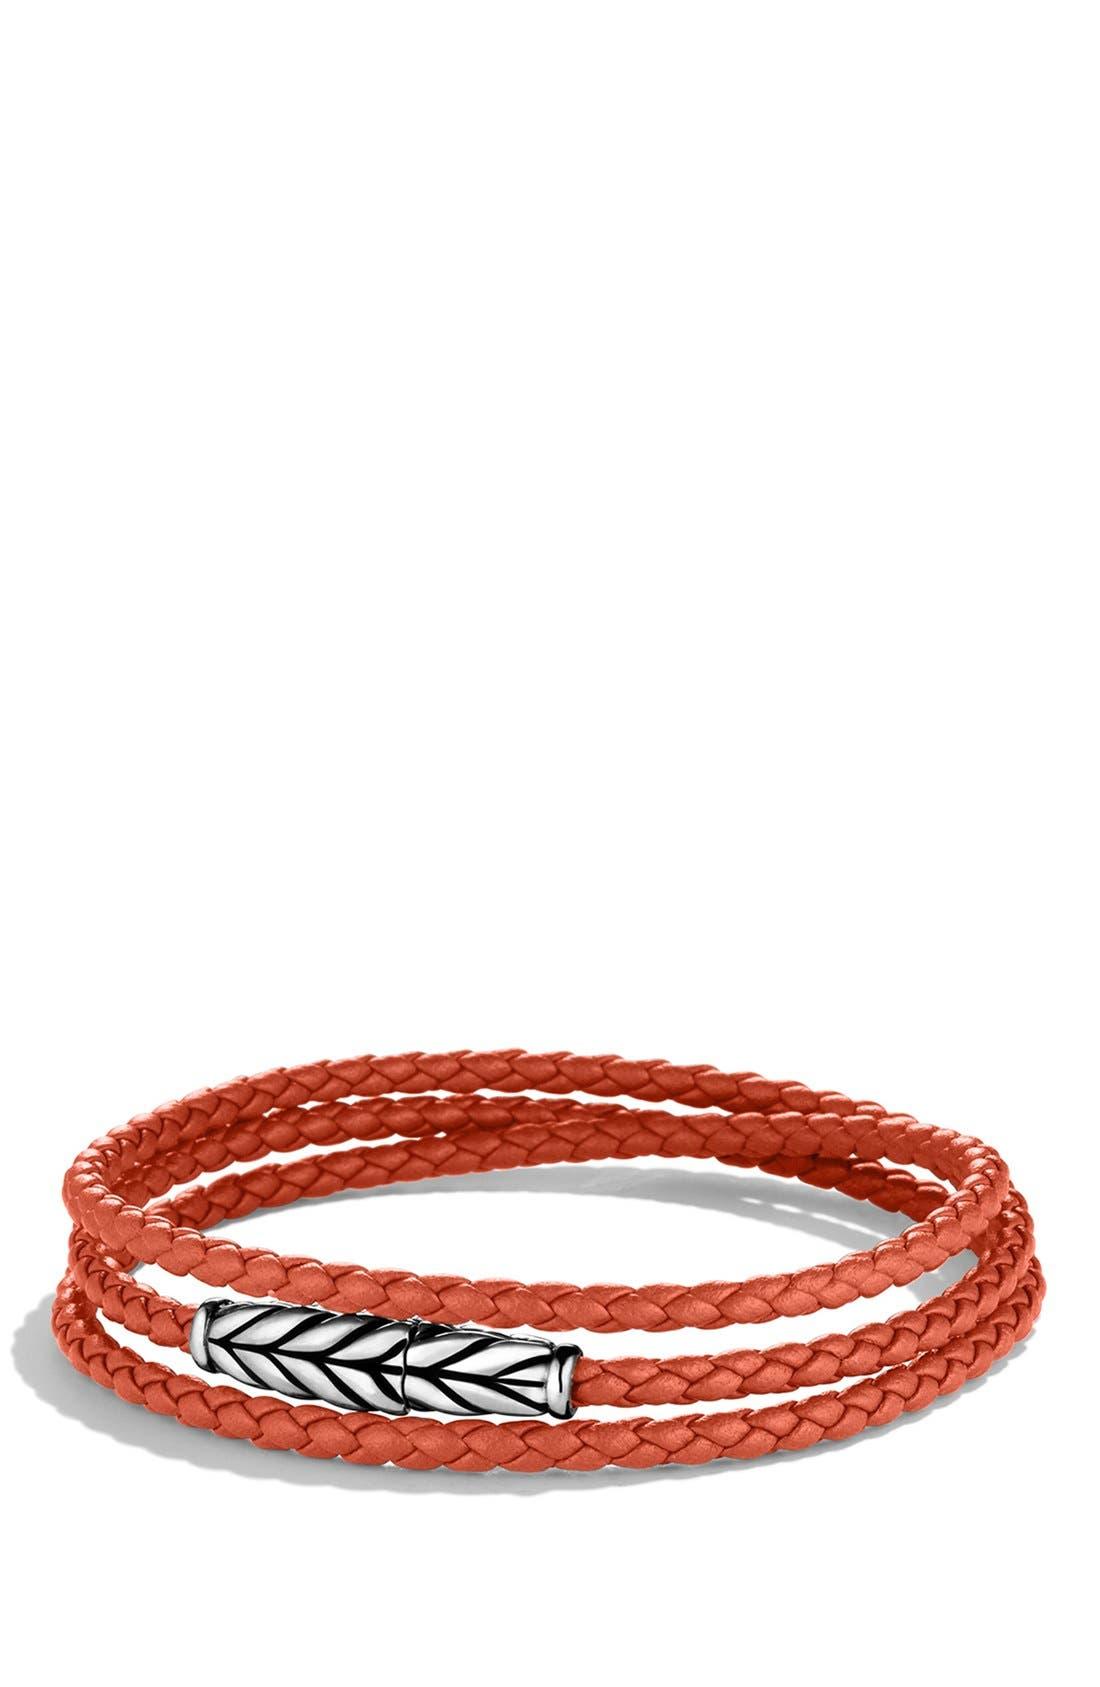 Main Image - David Yurman 'Chevron' Triple-Wrap Bracelet